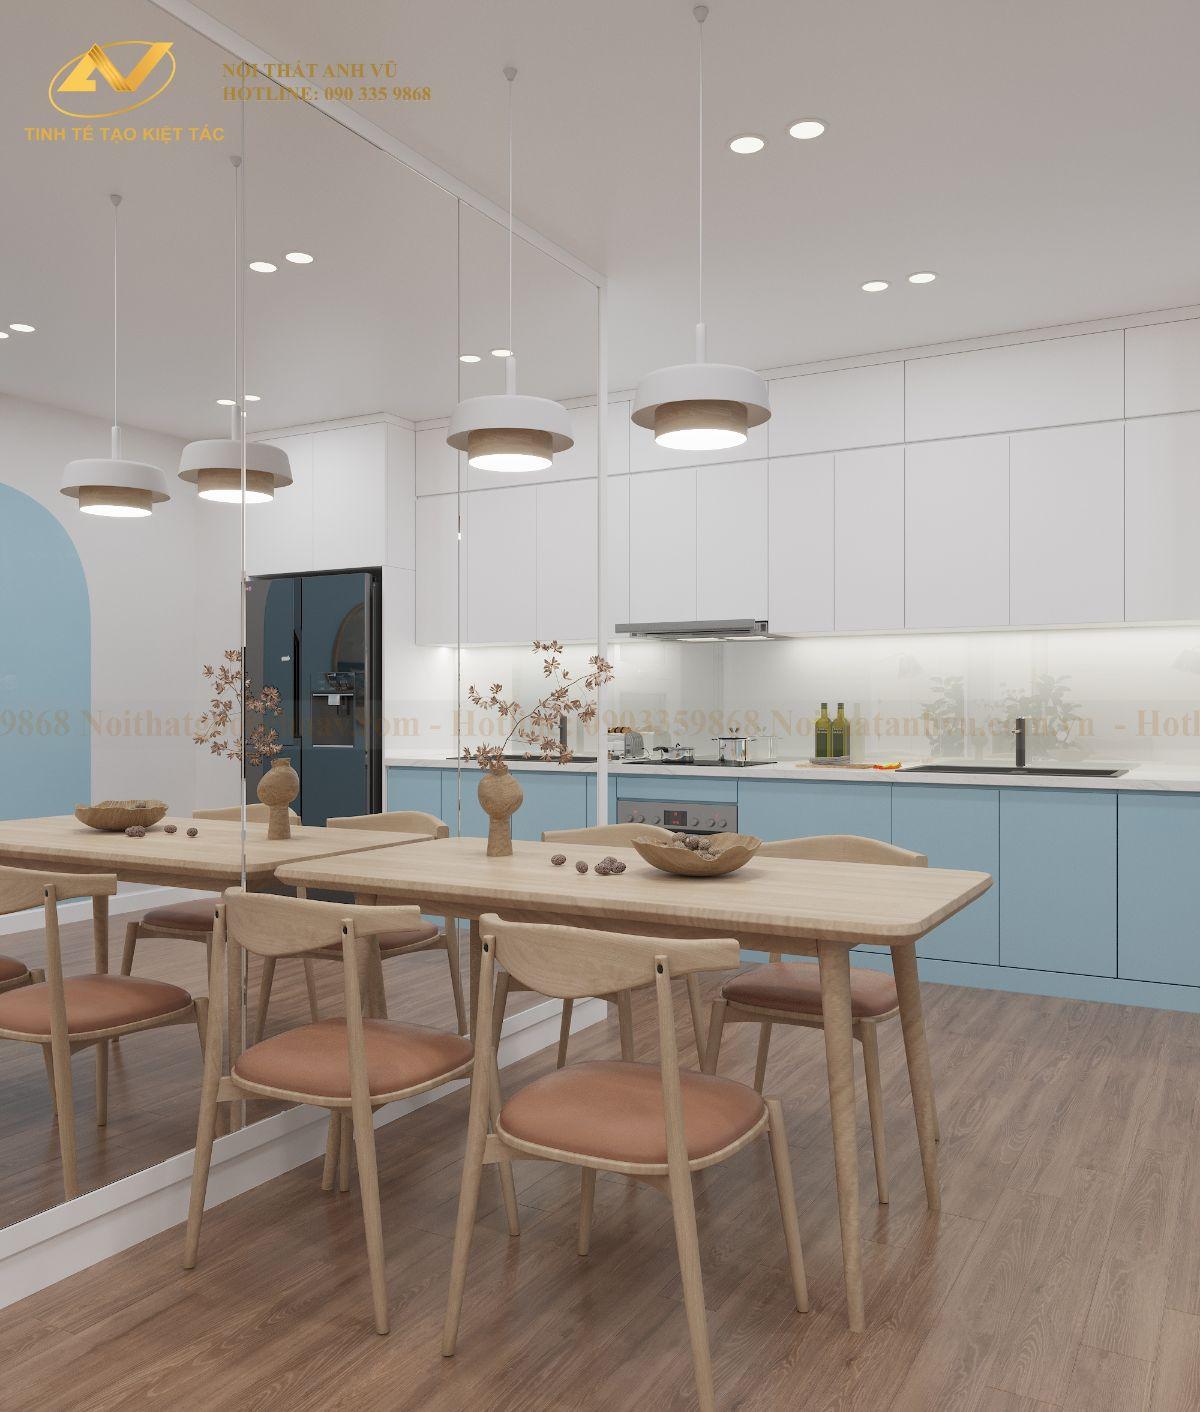 Thiết kế nội thất chung cư 68m2 Anh Cường K35 Tân Mai phong ăn 2